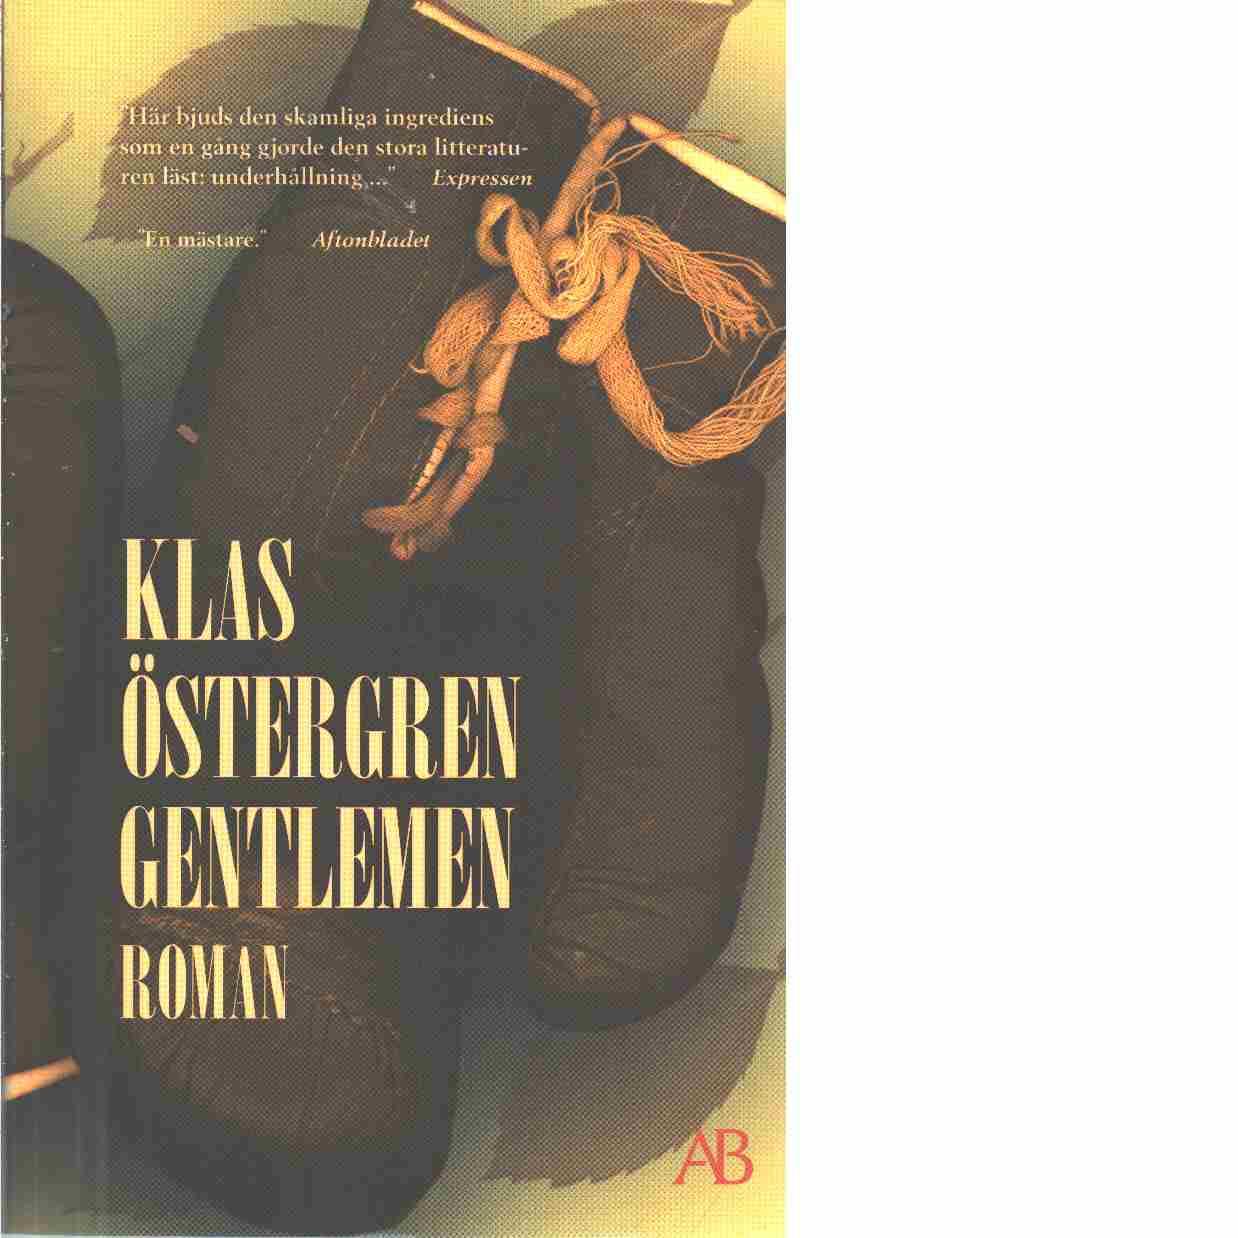 Gentlemen - Östergren, Klas